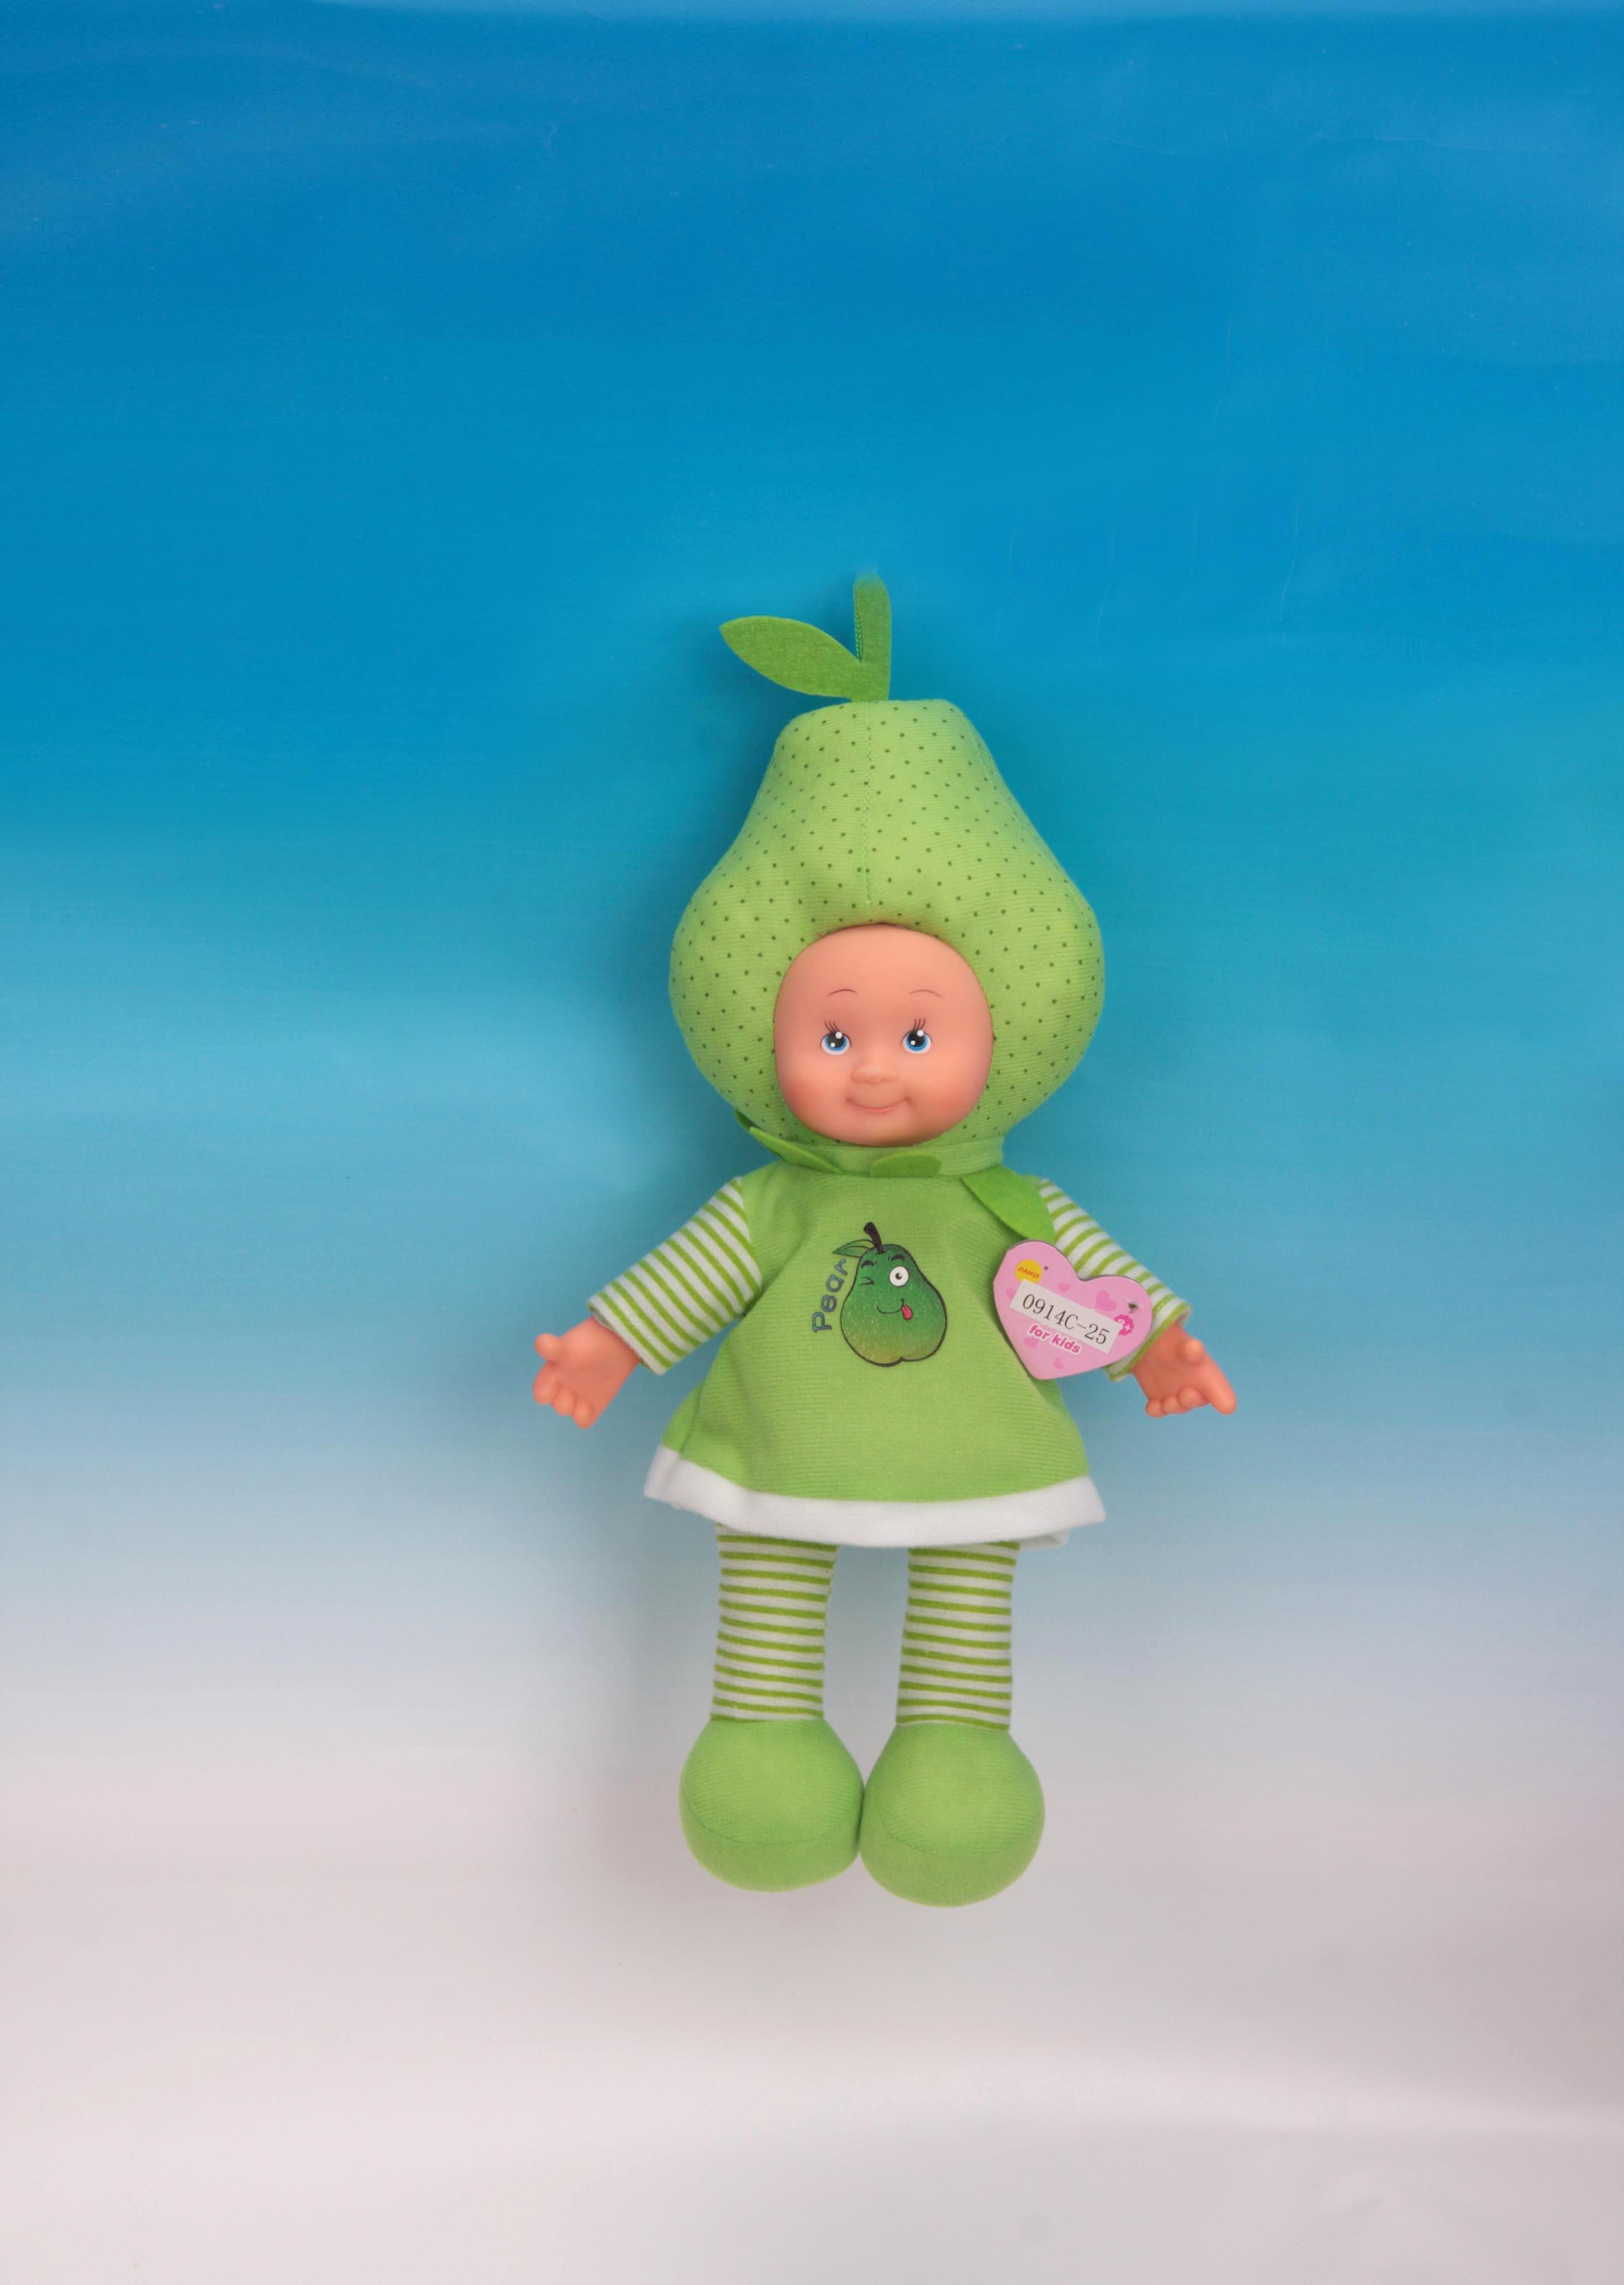 中国 音乐/14寸音乐水果娃娃盛达玩具厂